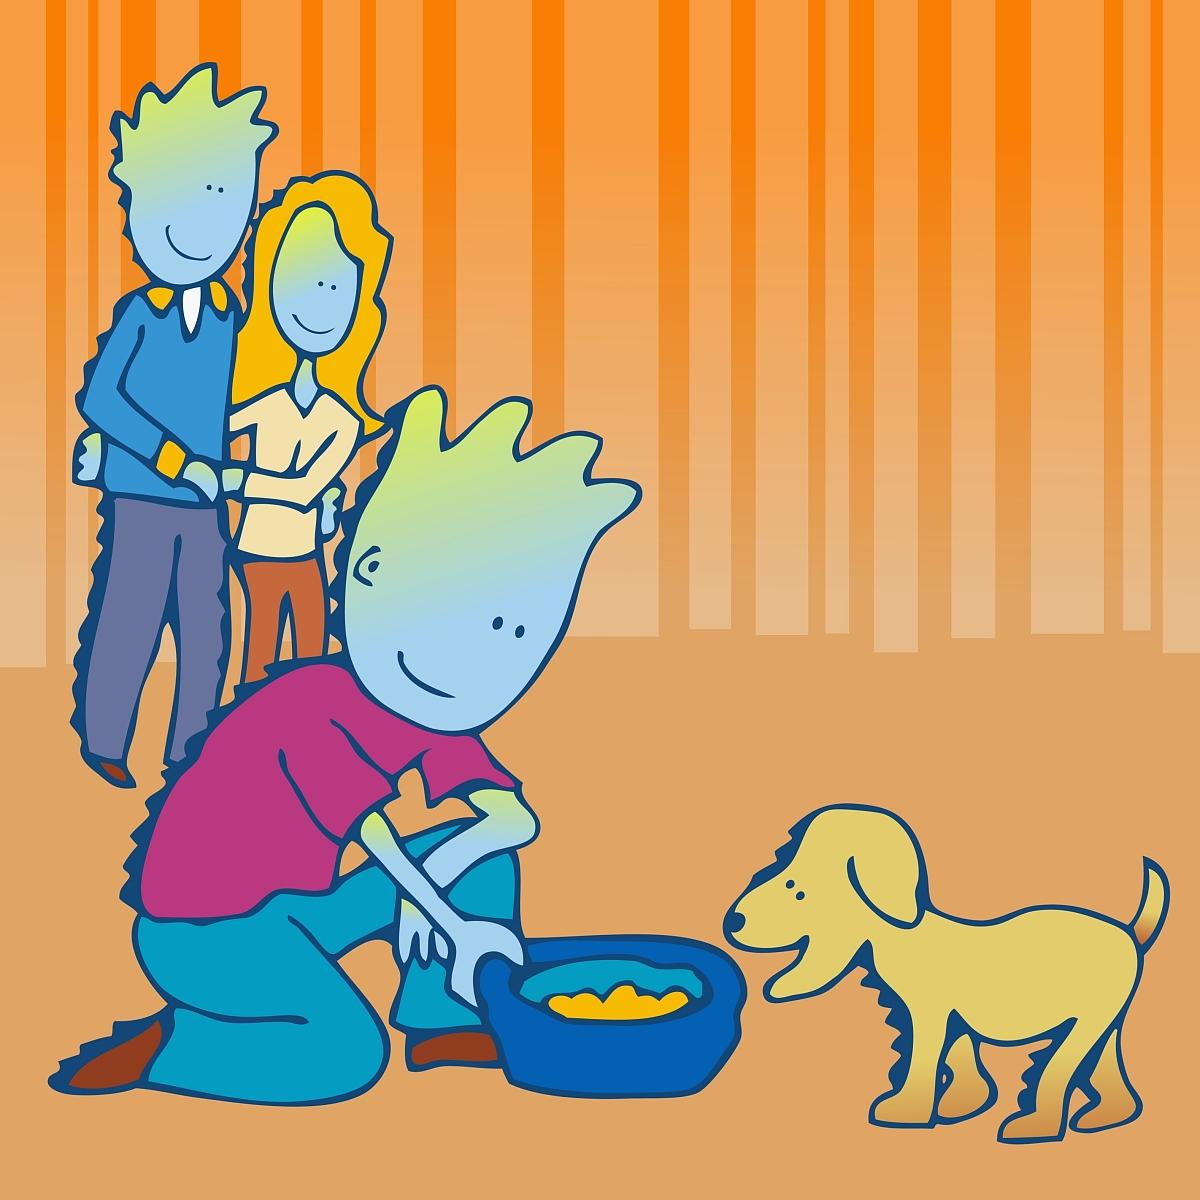 中年夫妇看着他们的儿子给狗提供食物图片